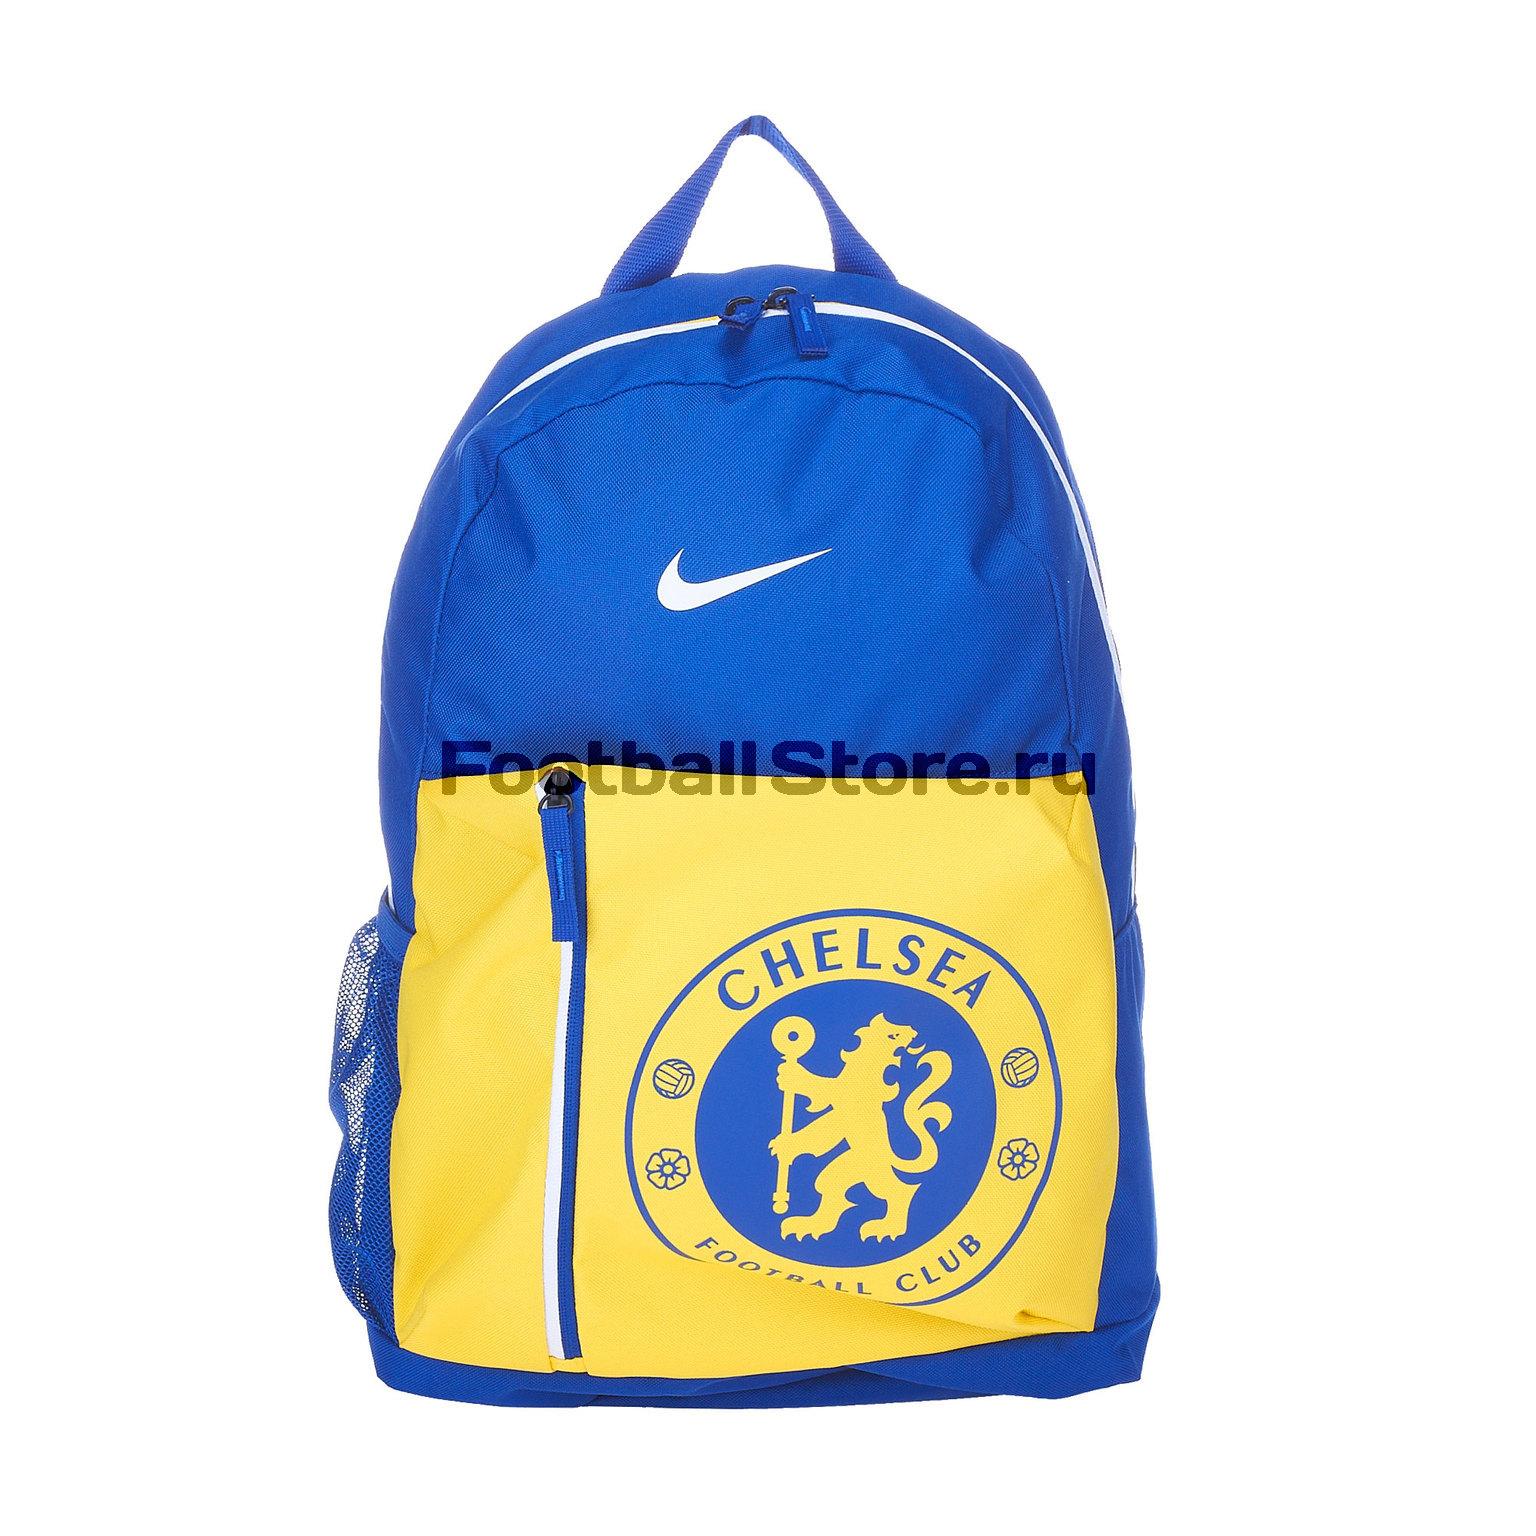 Рюкзак детский Nike Chelsea Stadium BA5525-495 рюкзак детский nike brasilia backpack ba5473 480